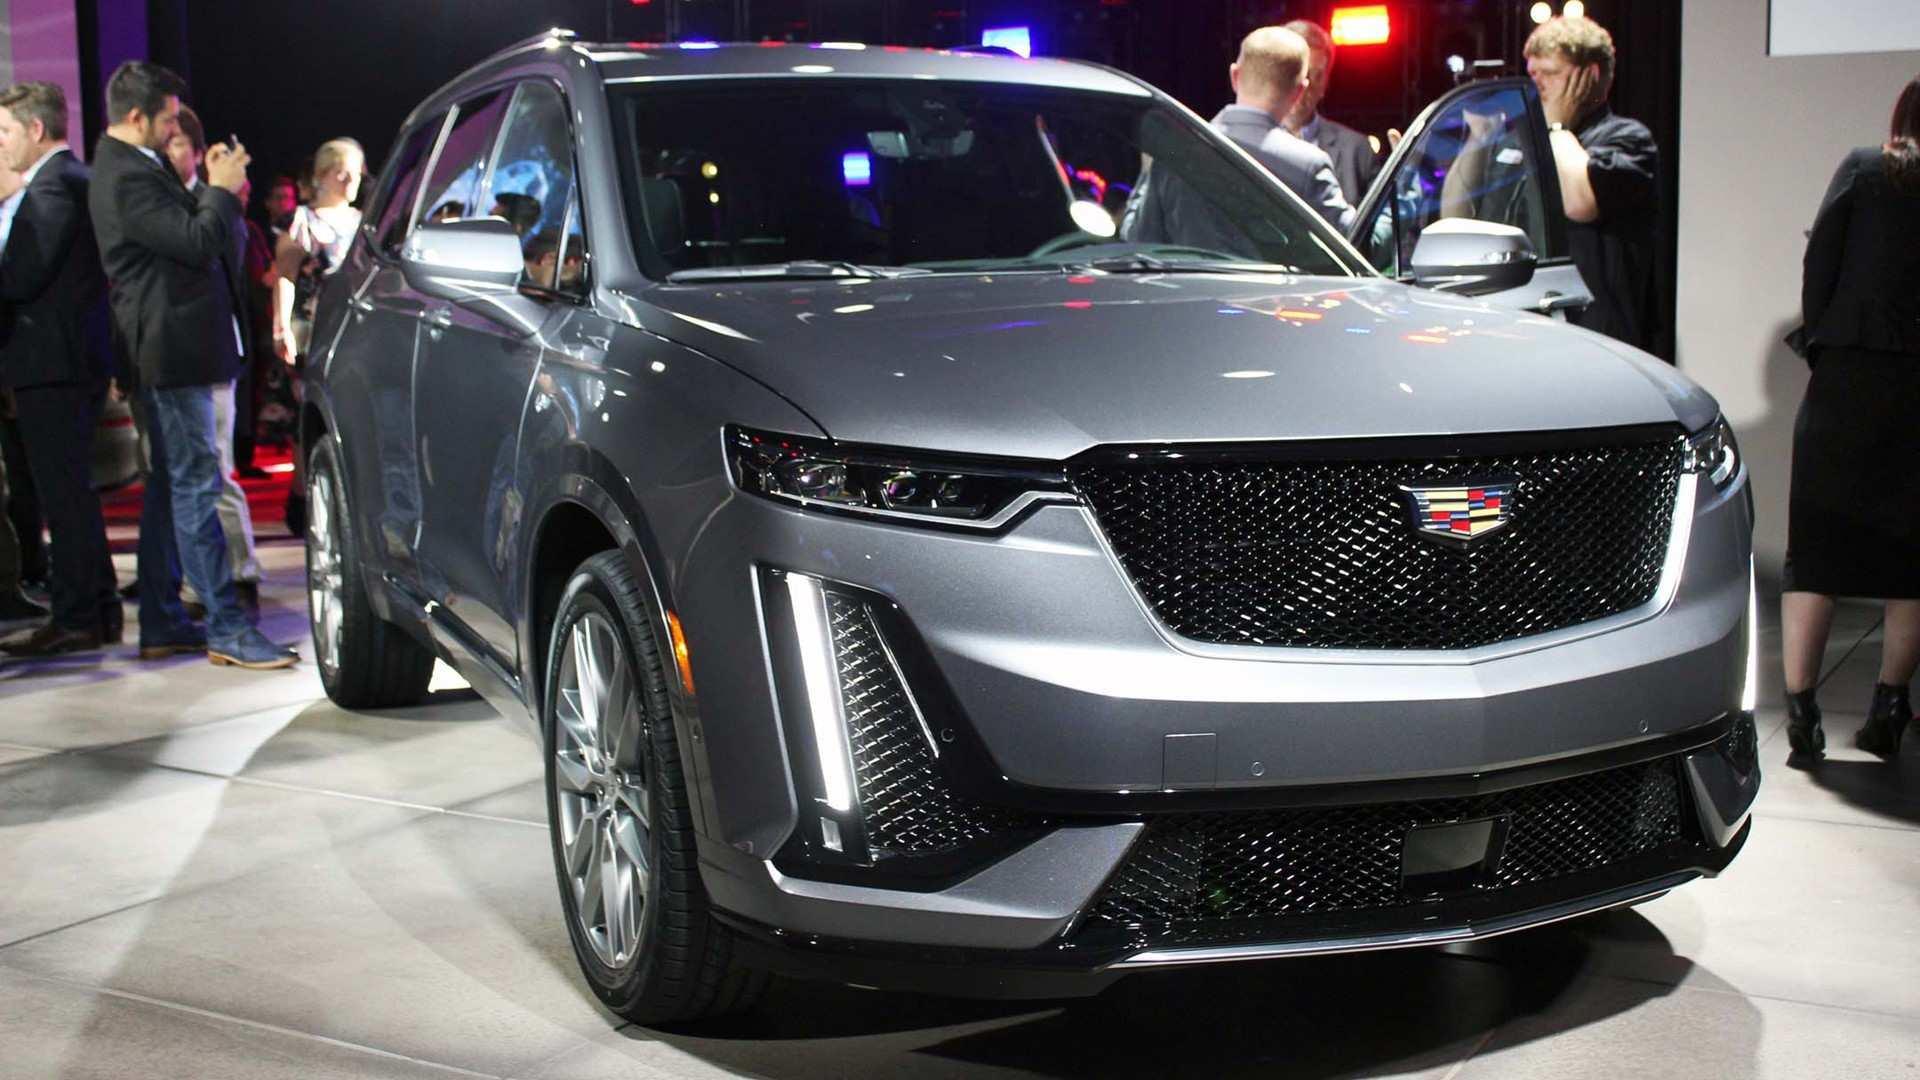 85 The 2020 Cadillac Xt6 Length Engine with 2020 Cadillac Xt6 Length